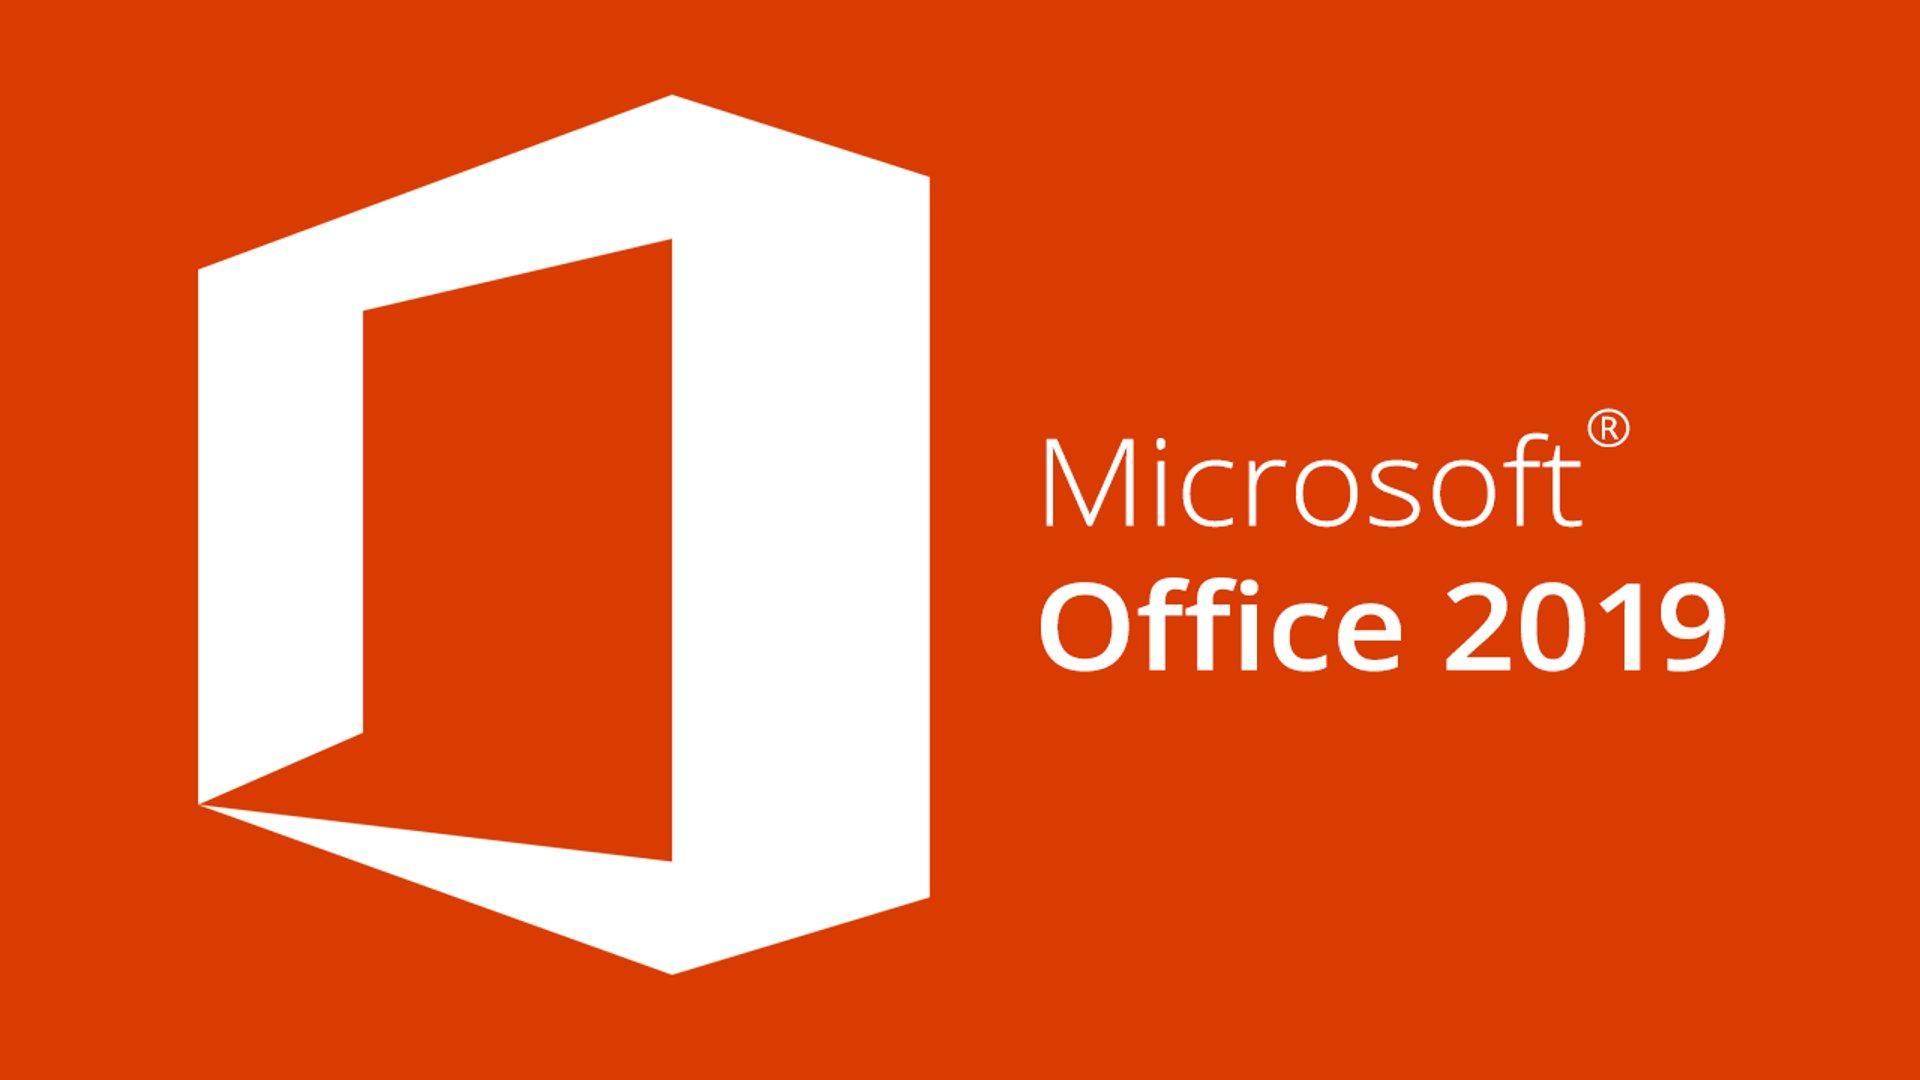 Microsoft envisagerait une nouvelle touche Office dédiée afin de rendre l'utilisation de sa suite de logiciels plus intuitive